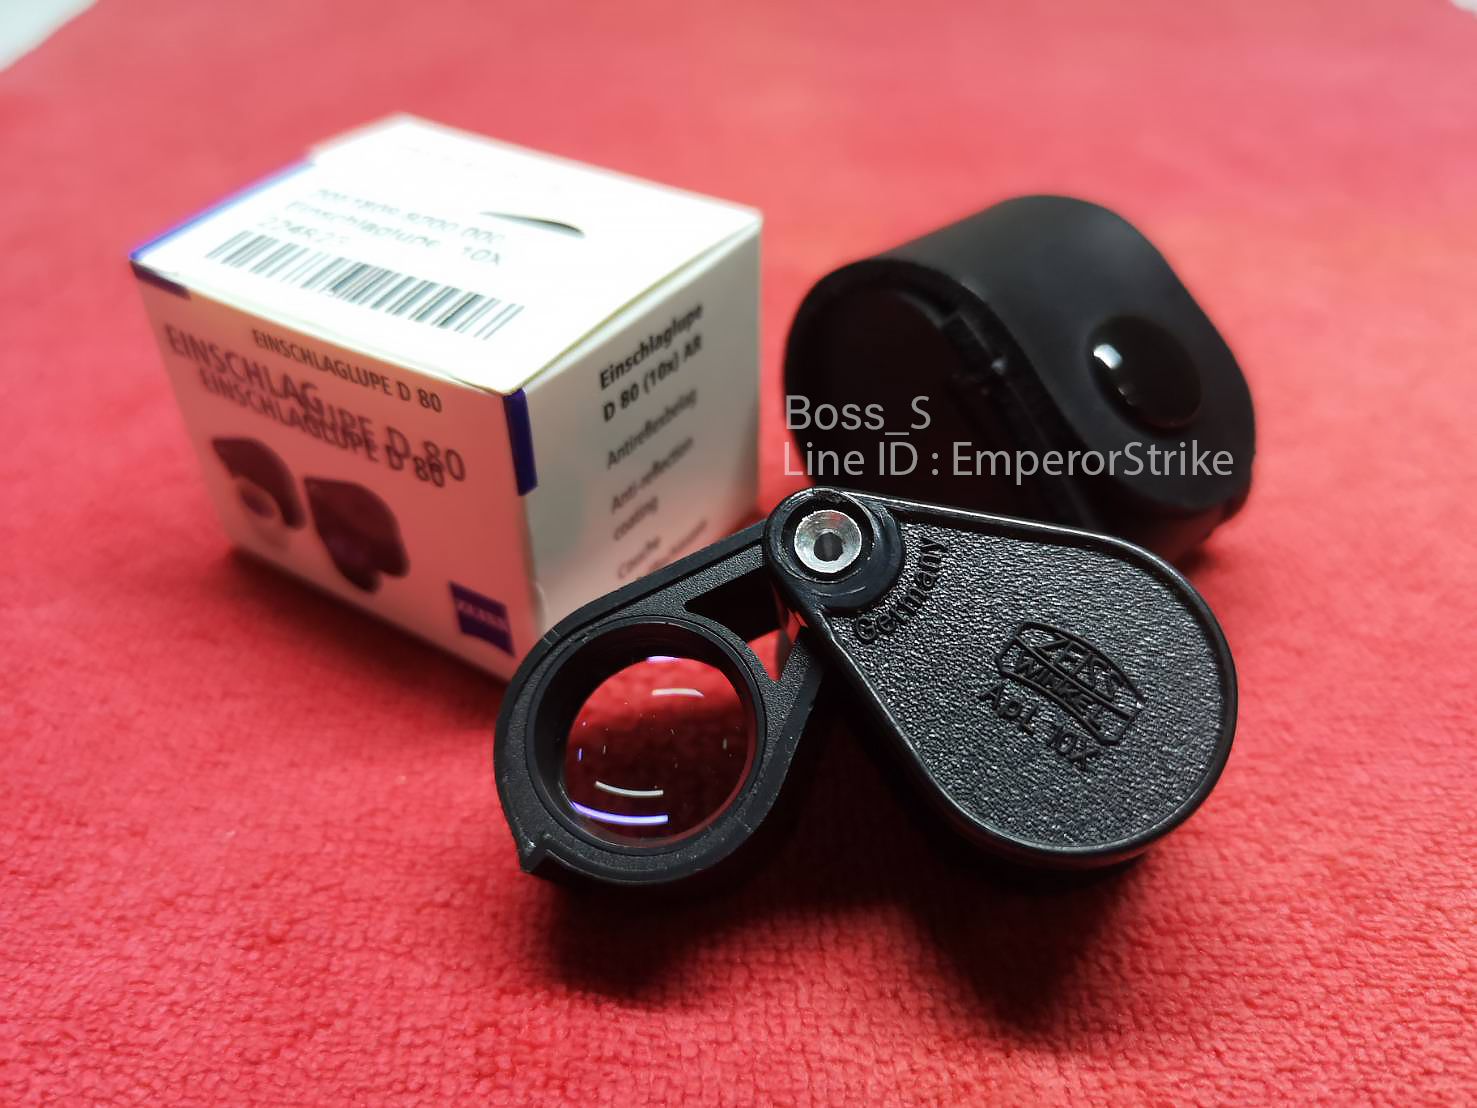 กล้องส่องพระ/ส่องเพชร มืออาชีพ Zeiss Winkel D80 Triplet Lens Made In Bararus สีดำทมิฬ 10x18mm เลนส์แก้ว 3ชั้นมัลติโค๊ตสีฟ้าตัดแสง ฟรีซองหนังตรงรุ่น.